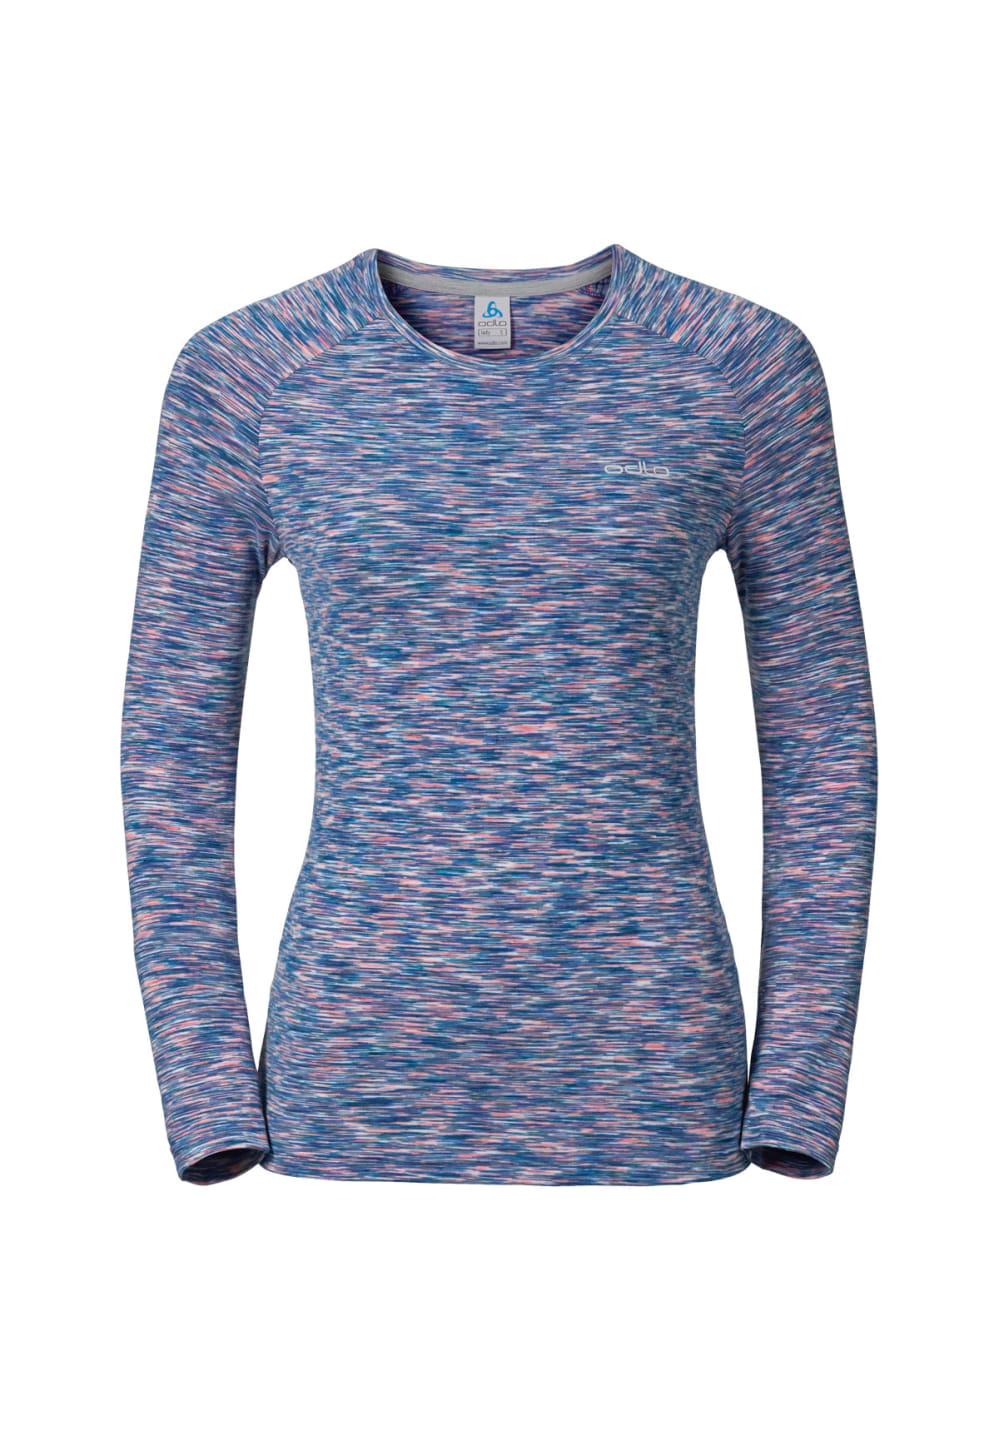 Odlo t shirt long sleeve sillian running tops for women for Long sleeve running shirt womens